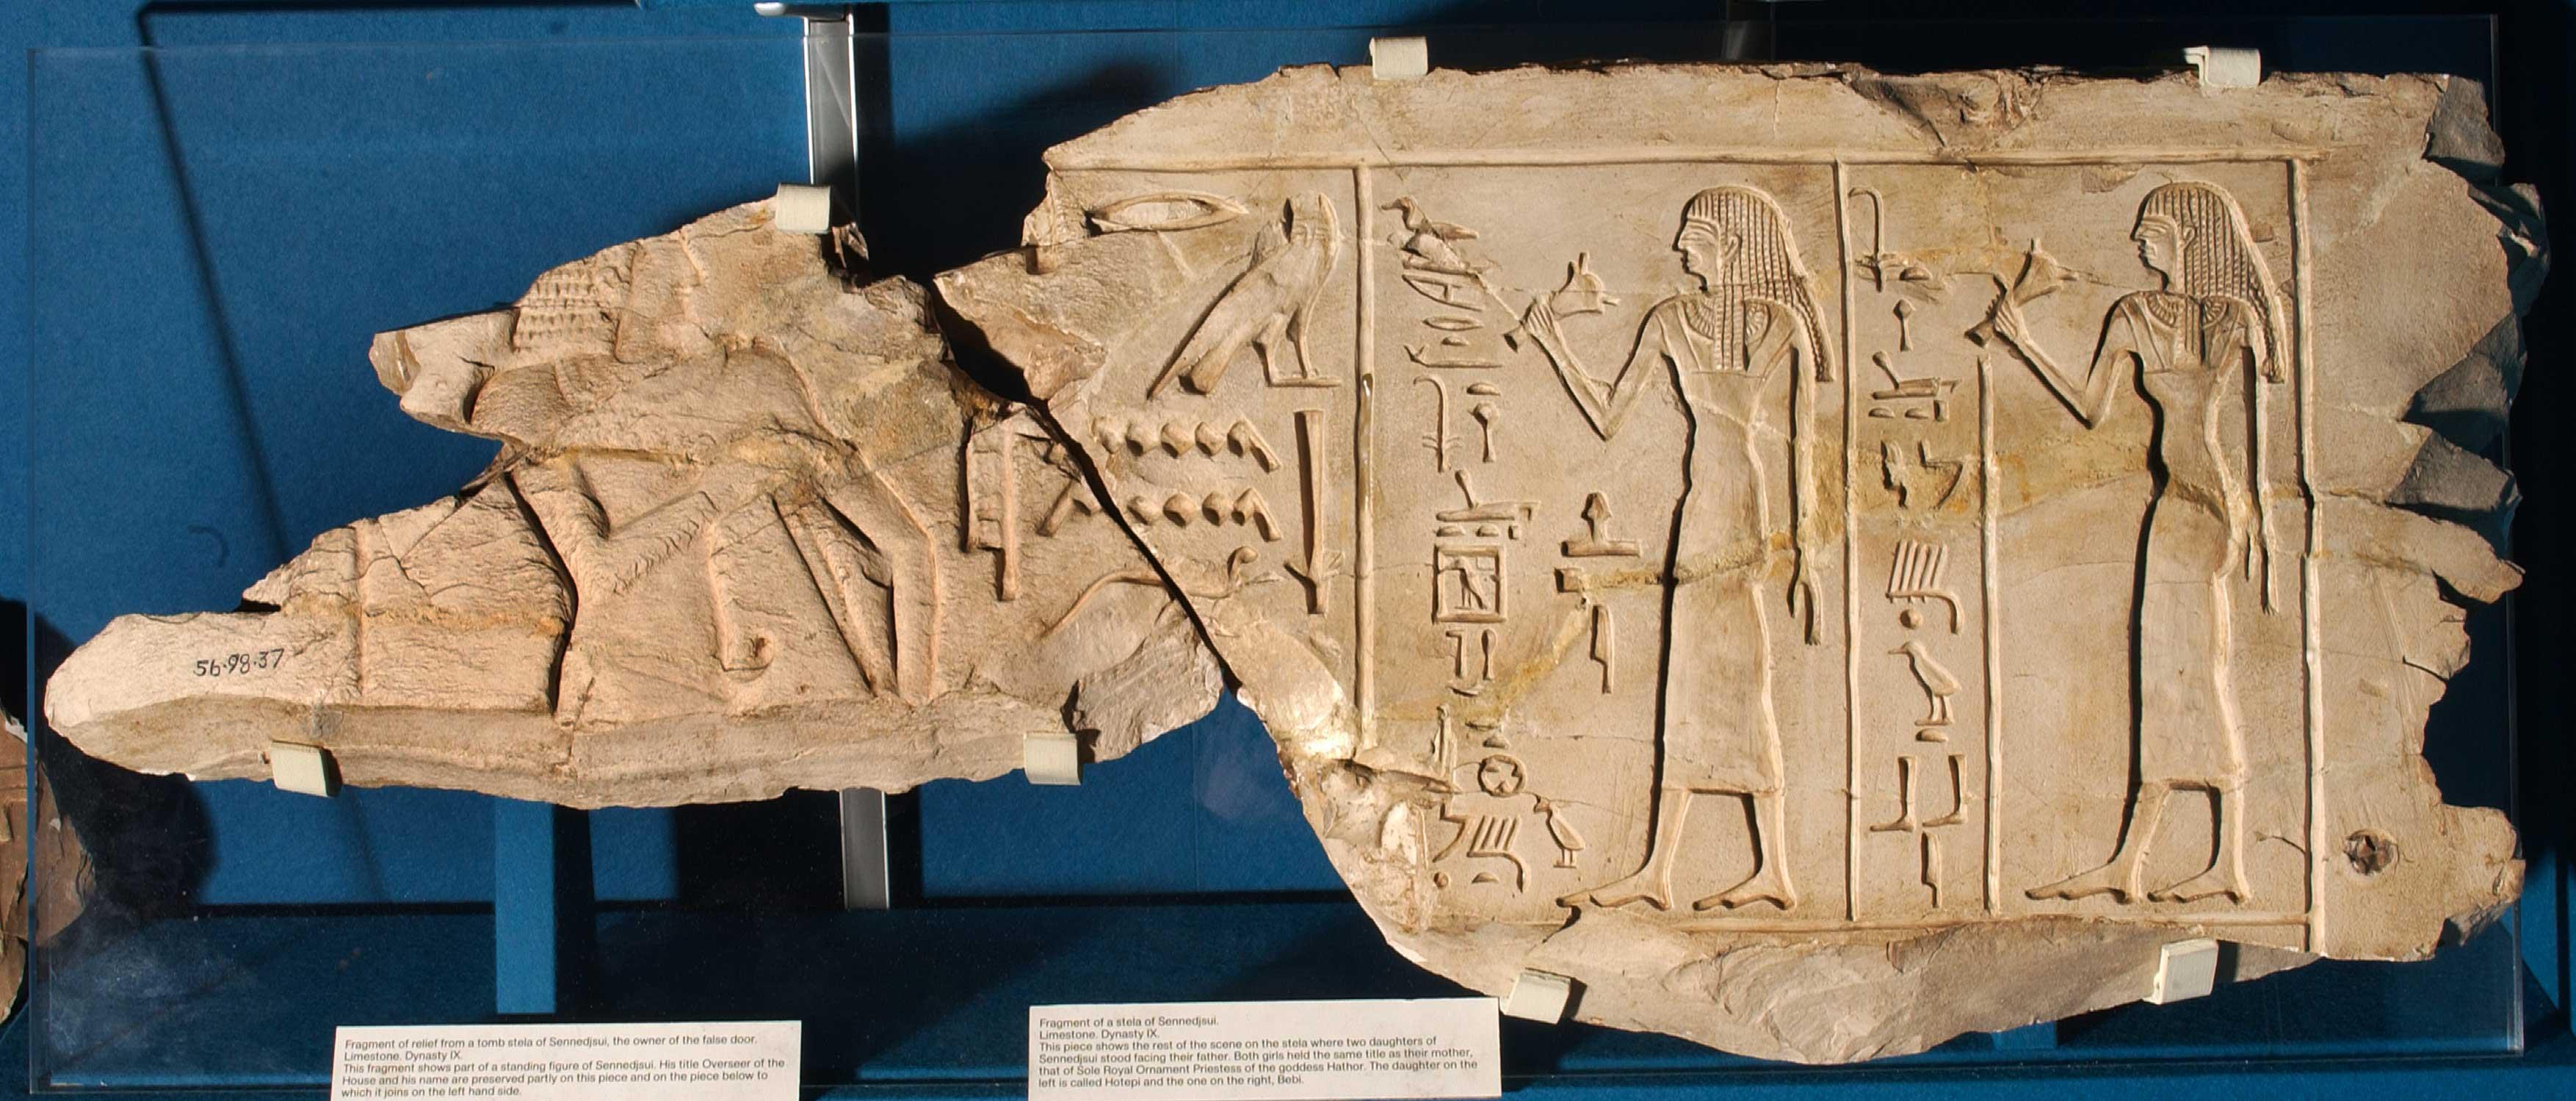 Stela of Sennedswi